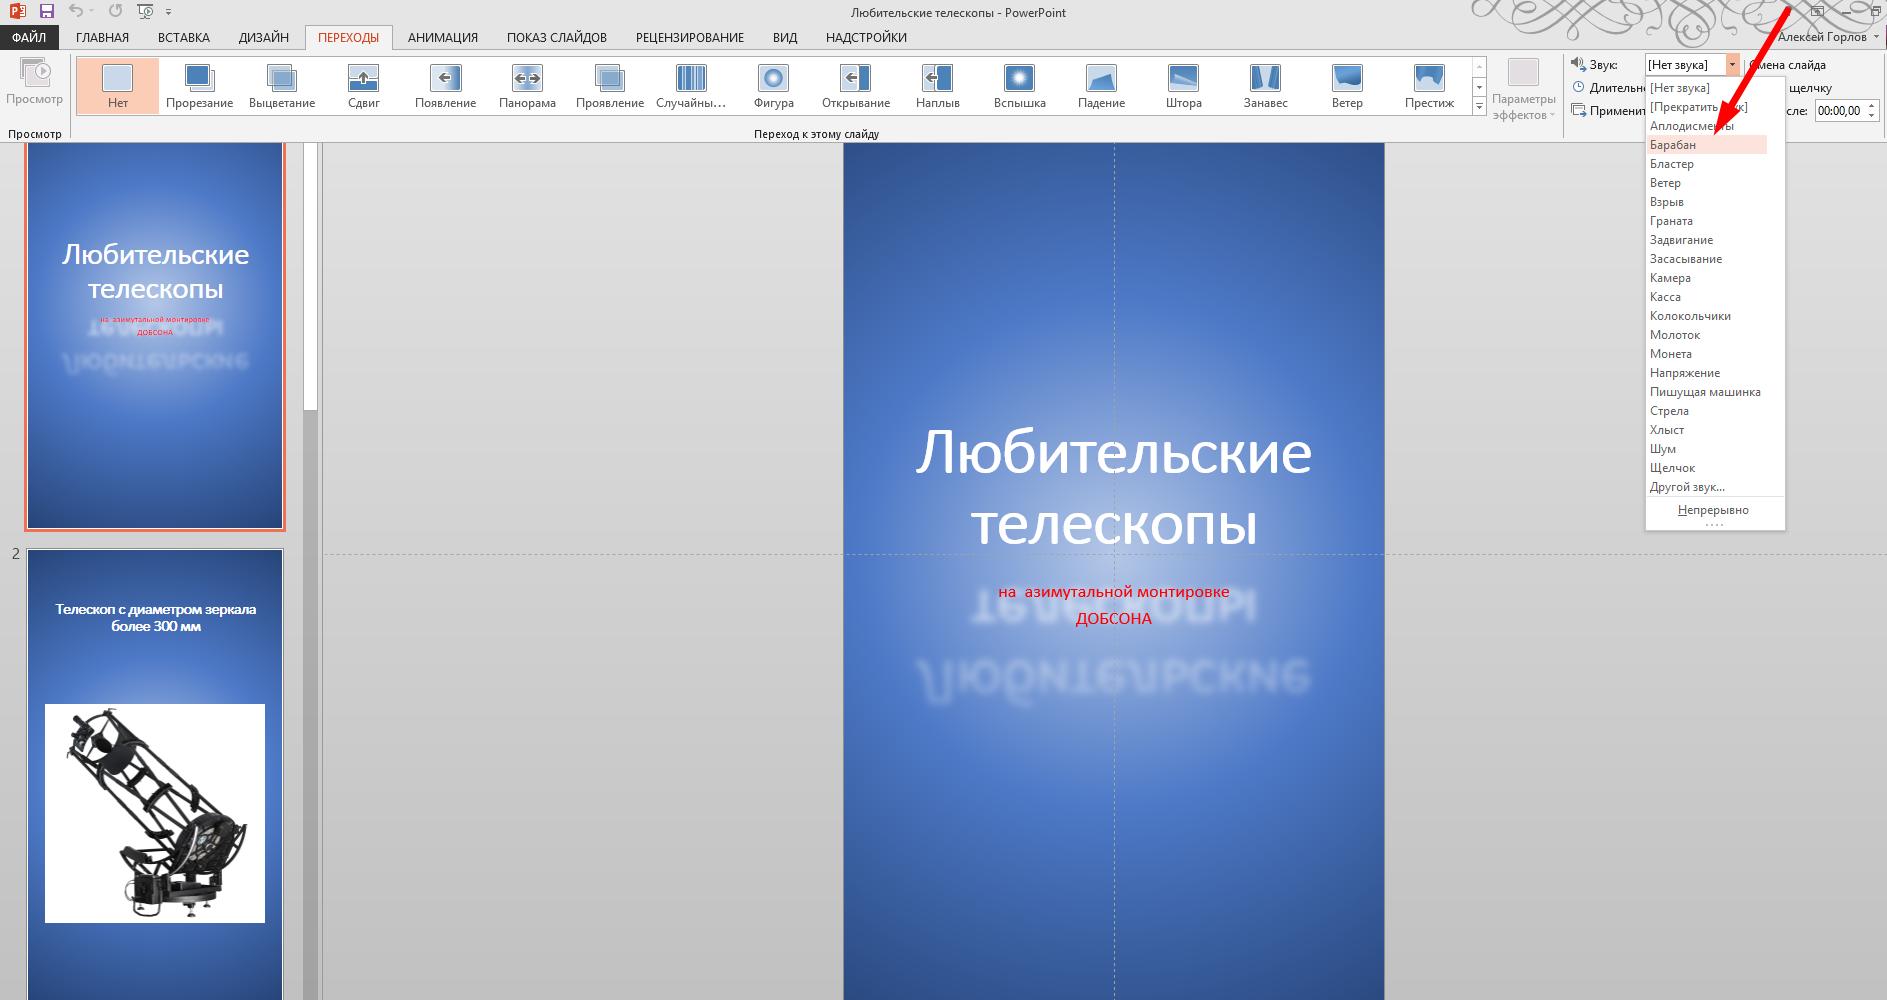 как сделать переходы в презентации powerpoint 2013